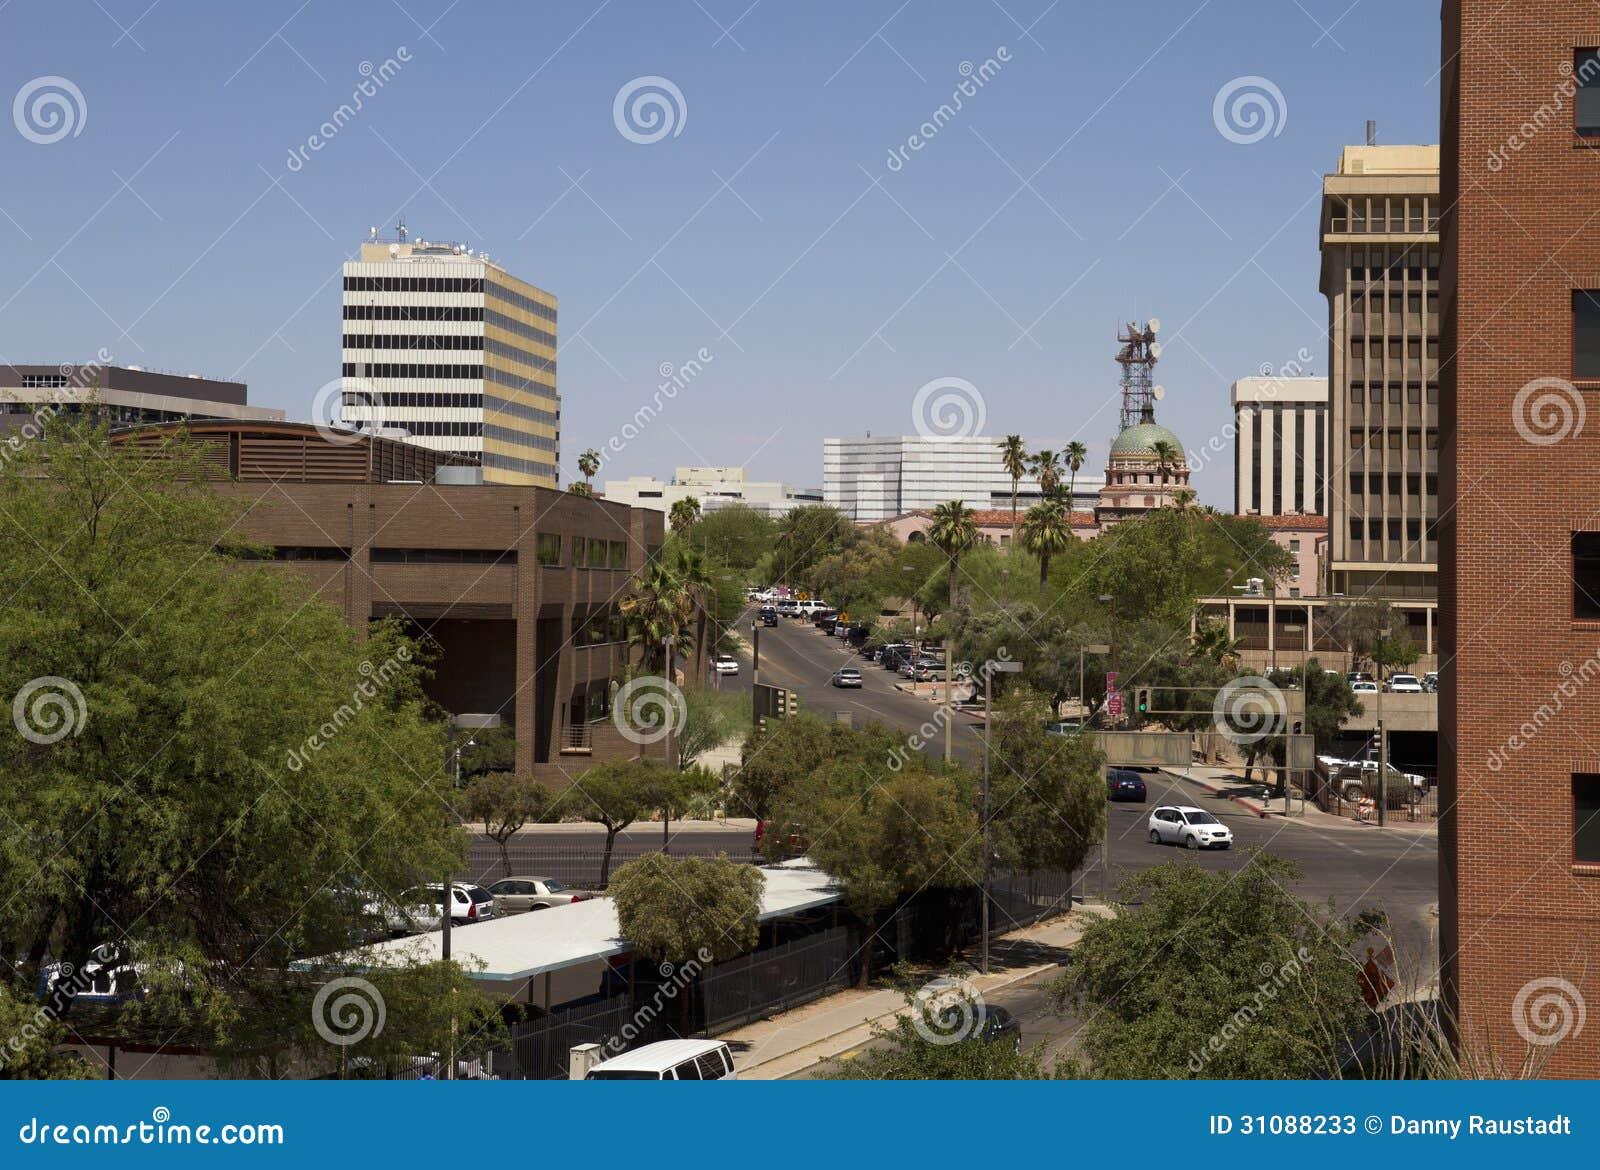 downtown tucson arizona stock photos